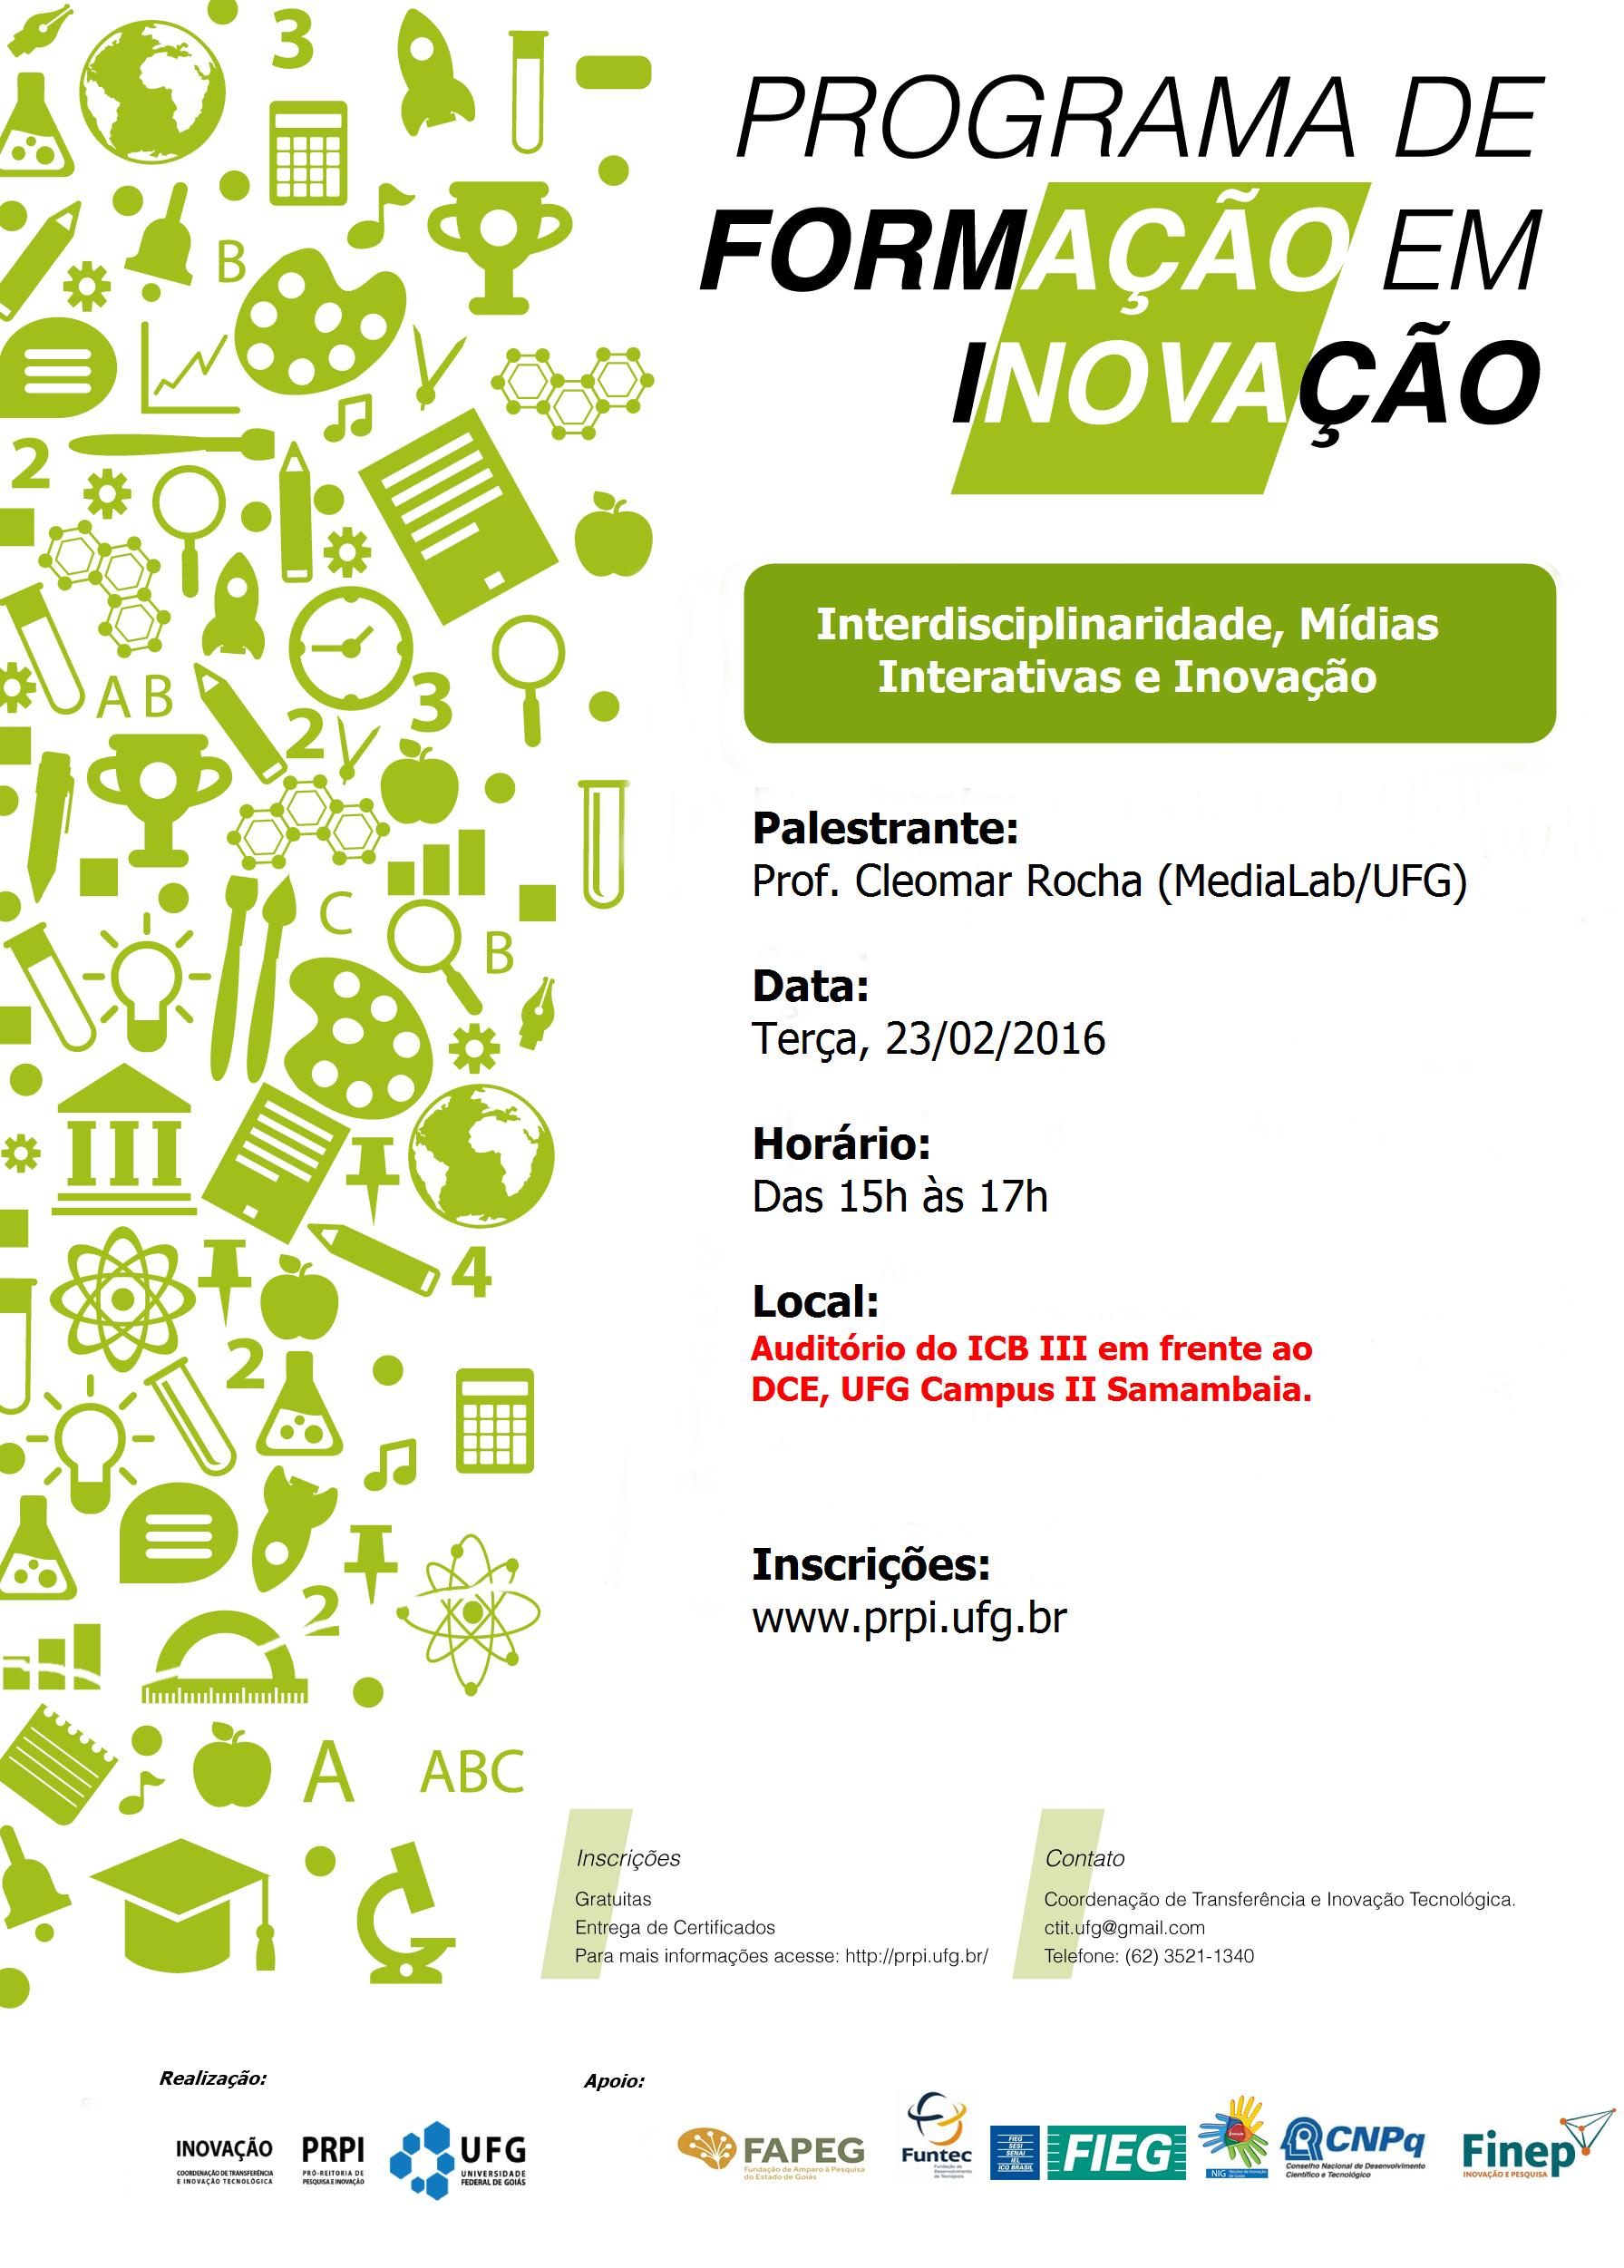 Palestra Programa de Formação em Inovação